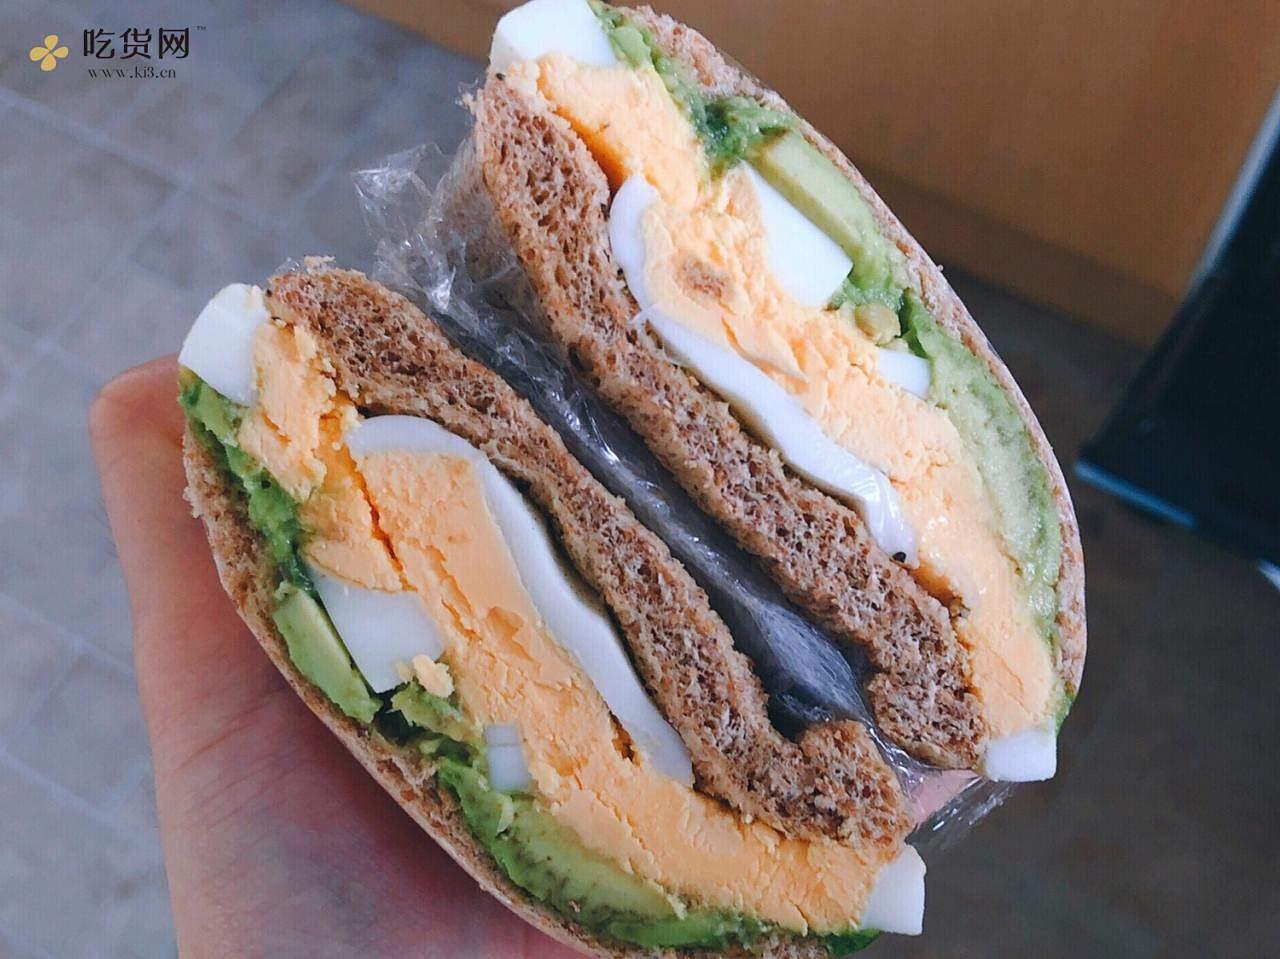 视觉味觉爆炸的全麦三明治系列|减脂万能公式 欢迎来玩!的做法 步骤13